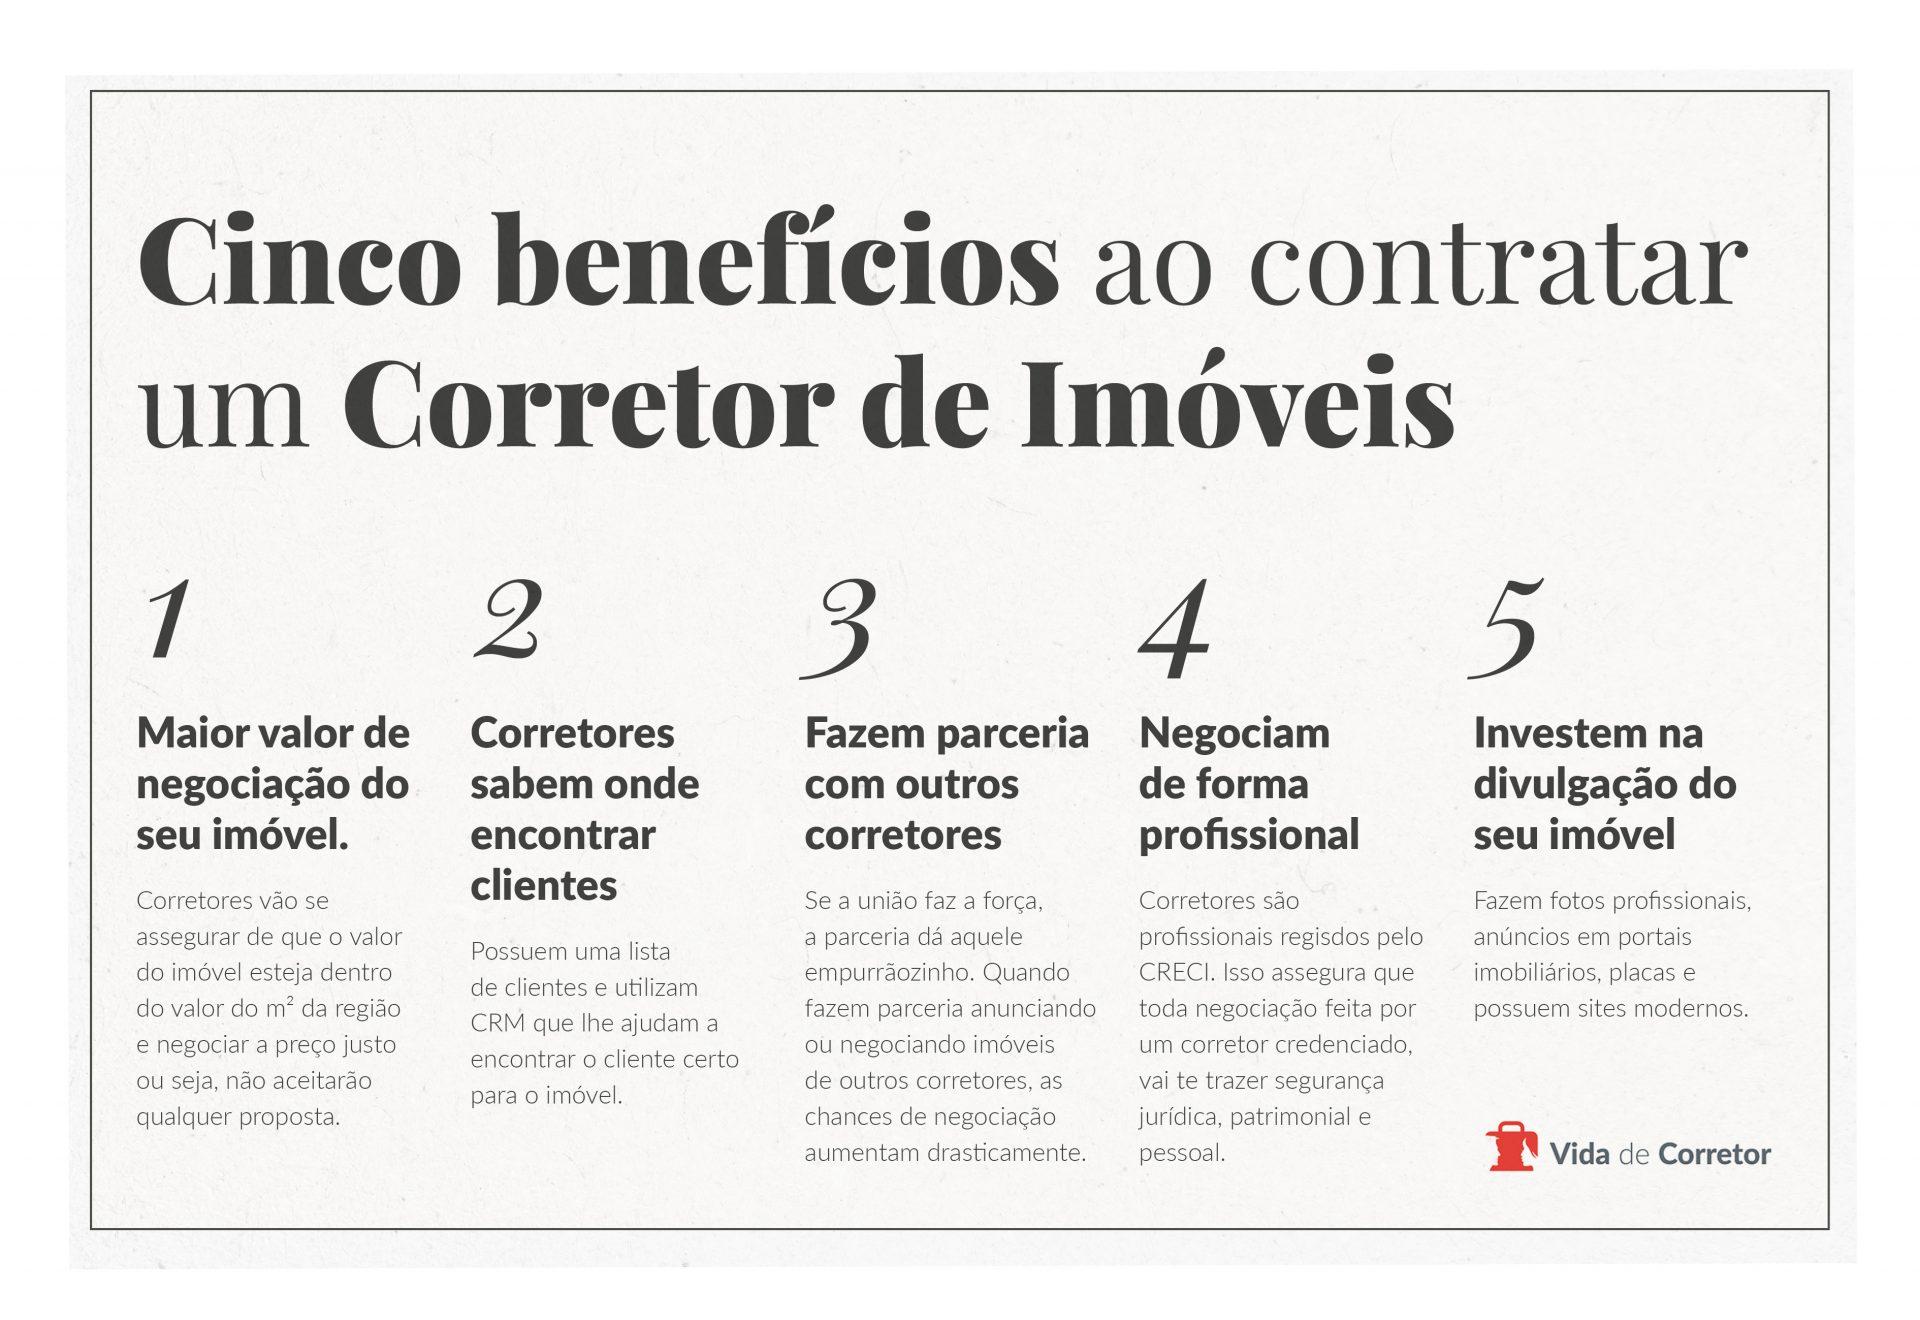 Infográfico mostrando os Cinco benefícios ao contratar um corretor de imóveis